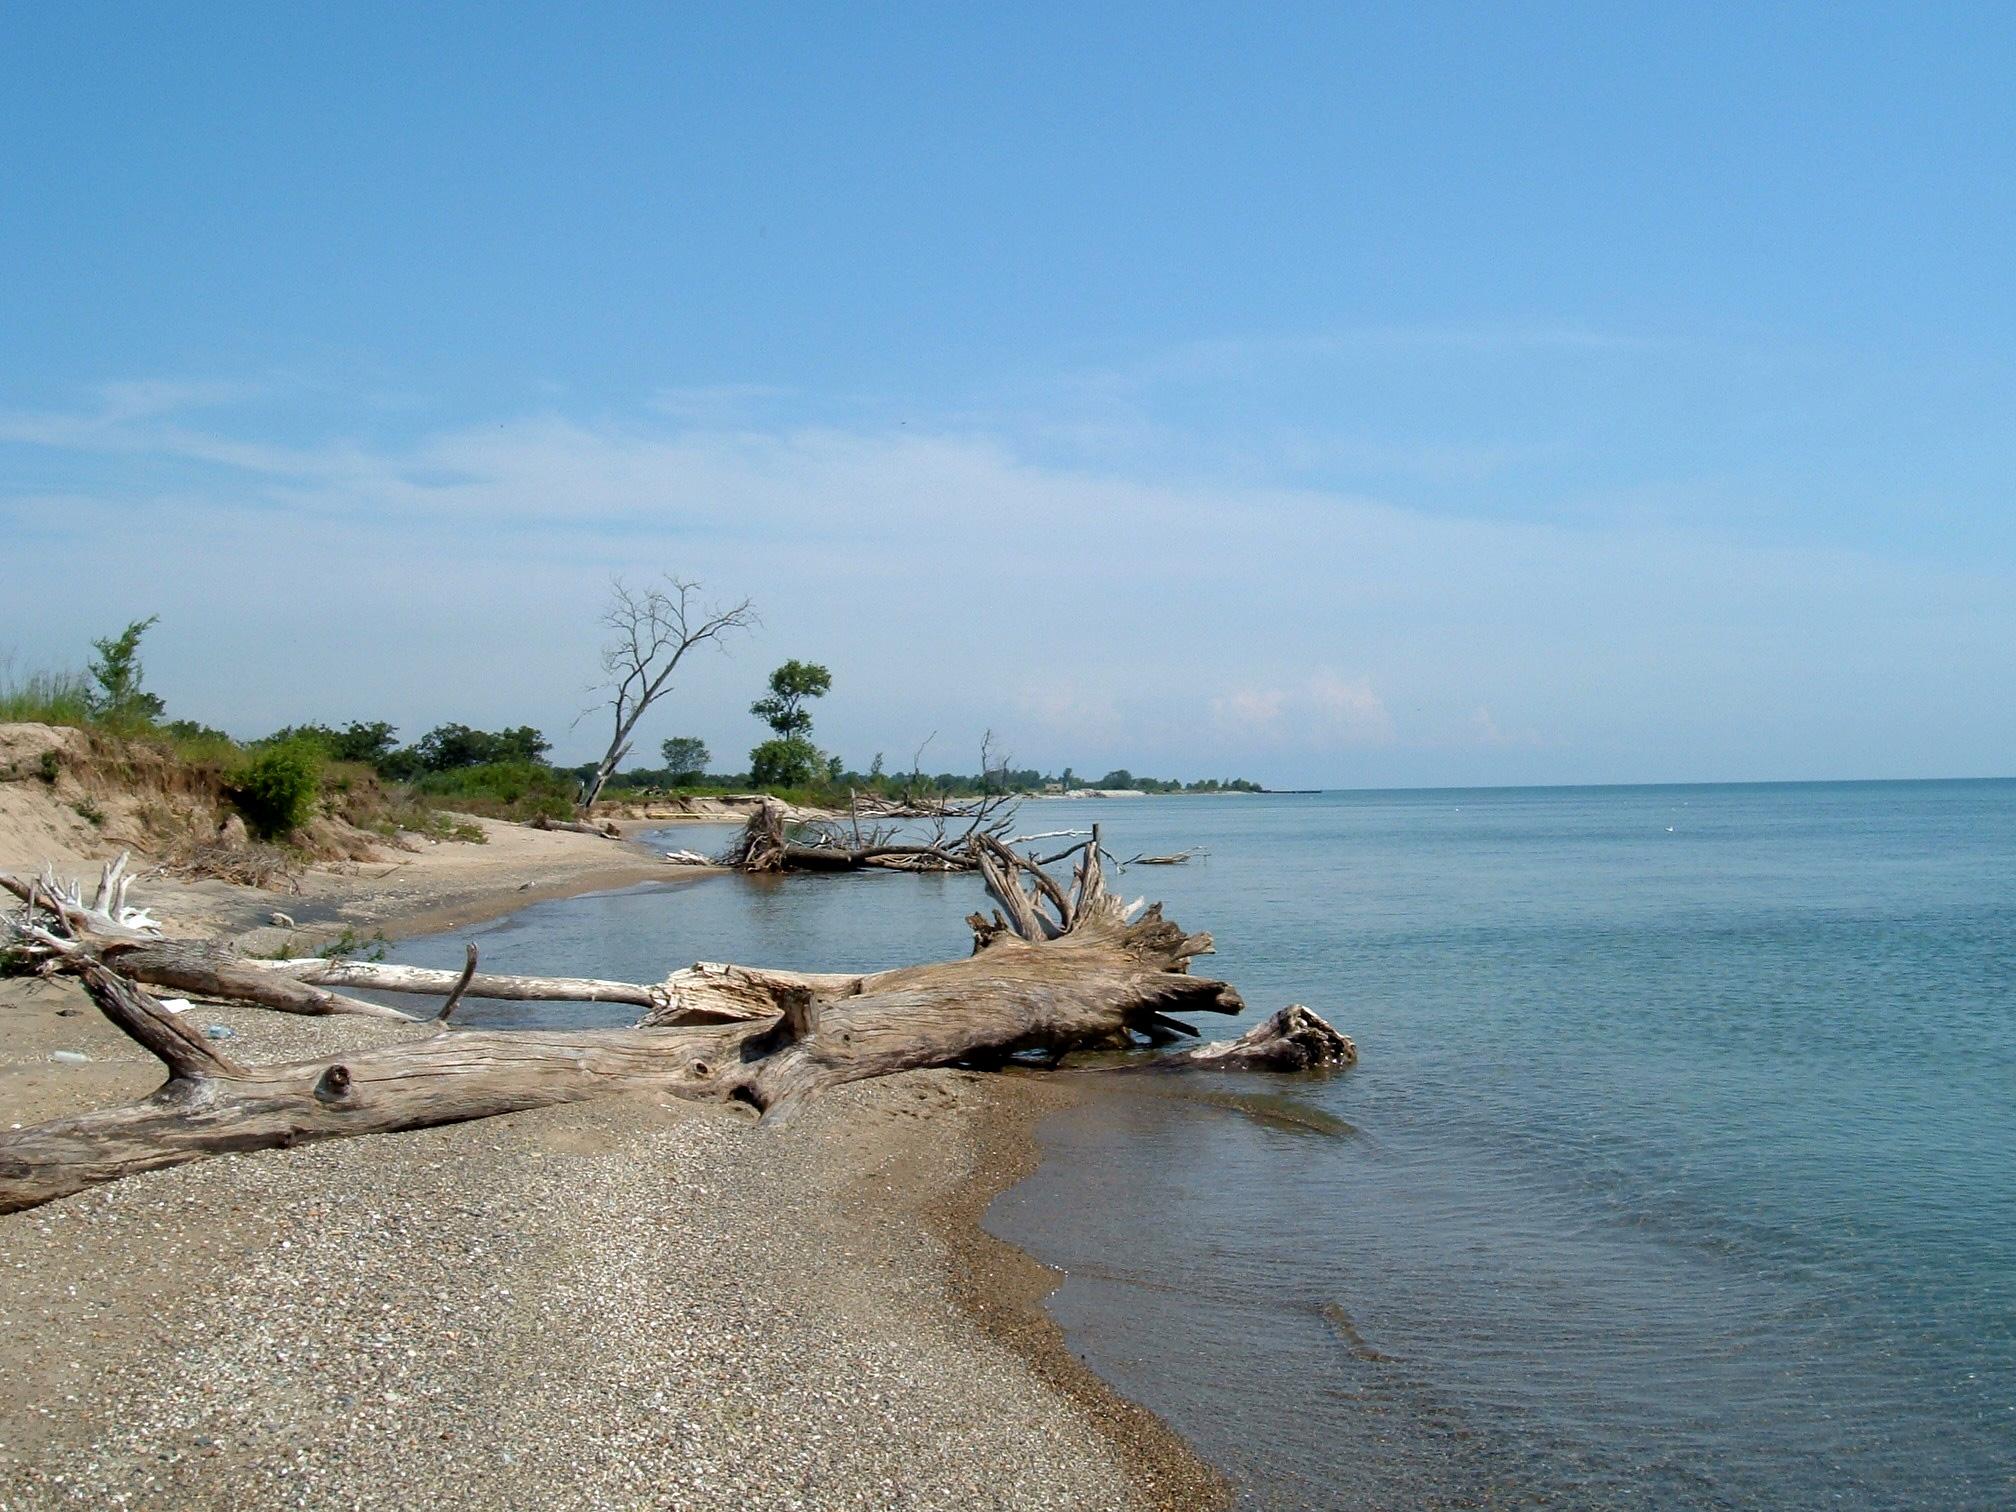 Illinois Wolf Park Illinois Beach State Park